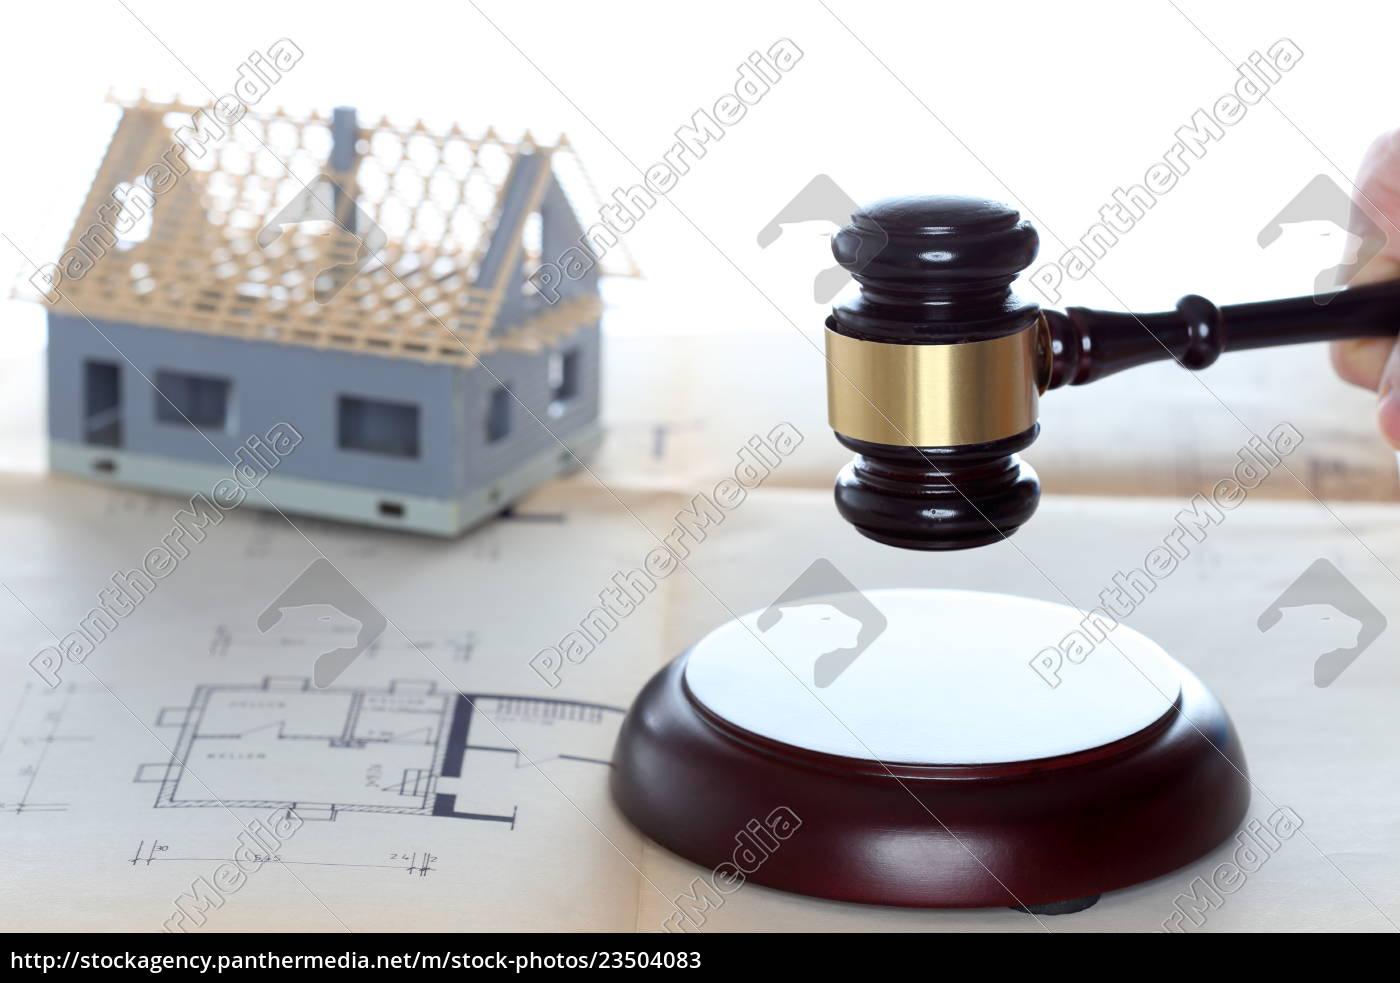 versteigerung, symblisch, mit, immobilie - 23504083